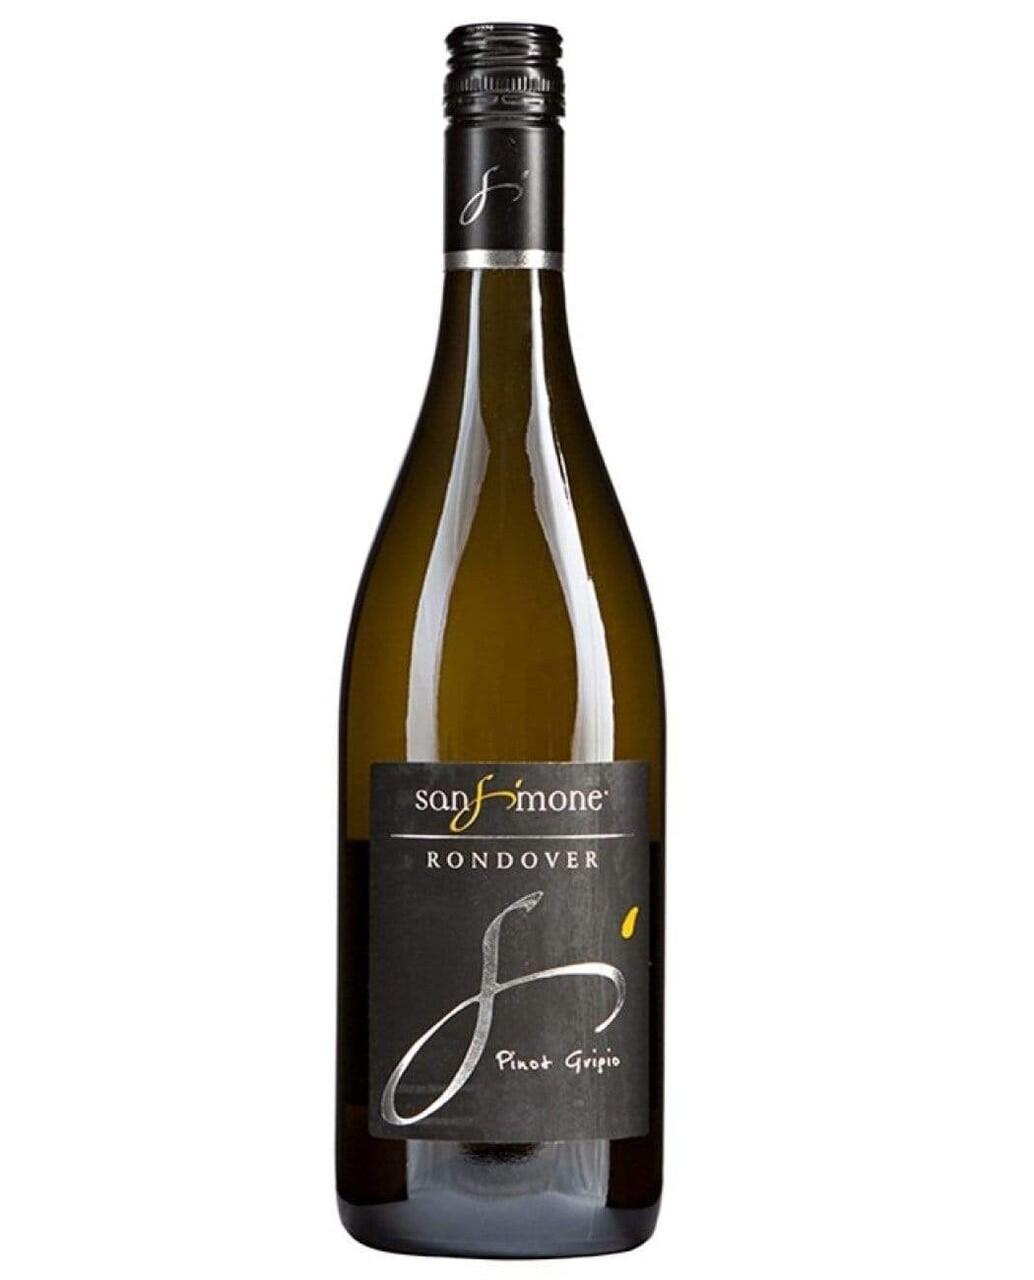 San Simone Rondover Pinot Grigio